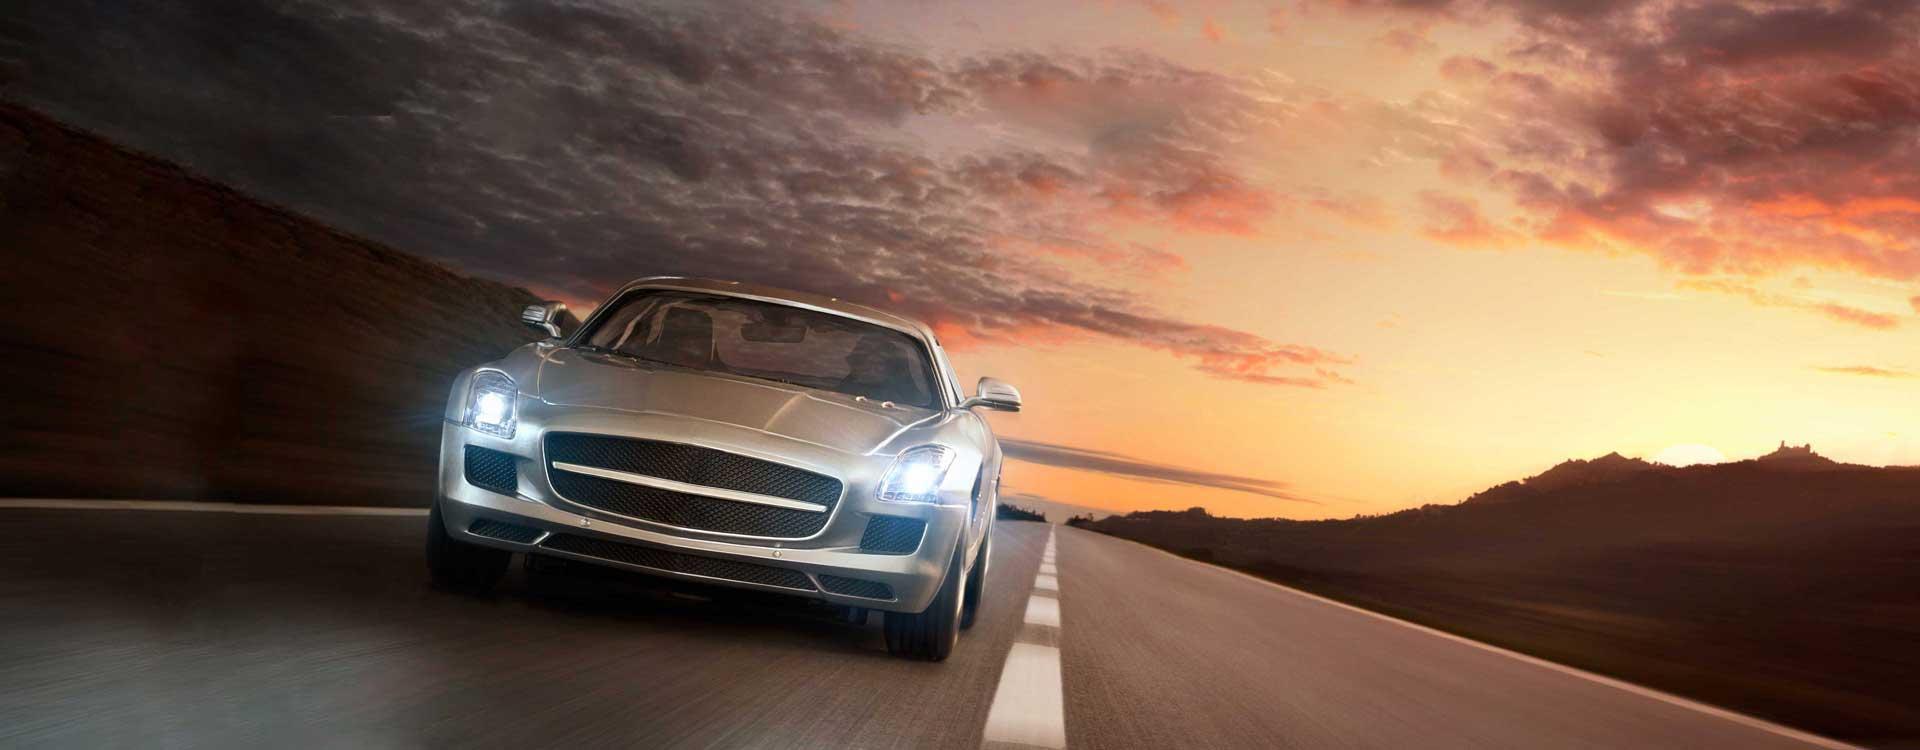 Automobilhandel Ohla EU Neuwagen mit bis zu 45% Preisvorteil